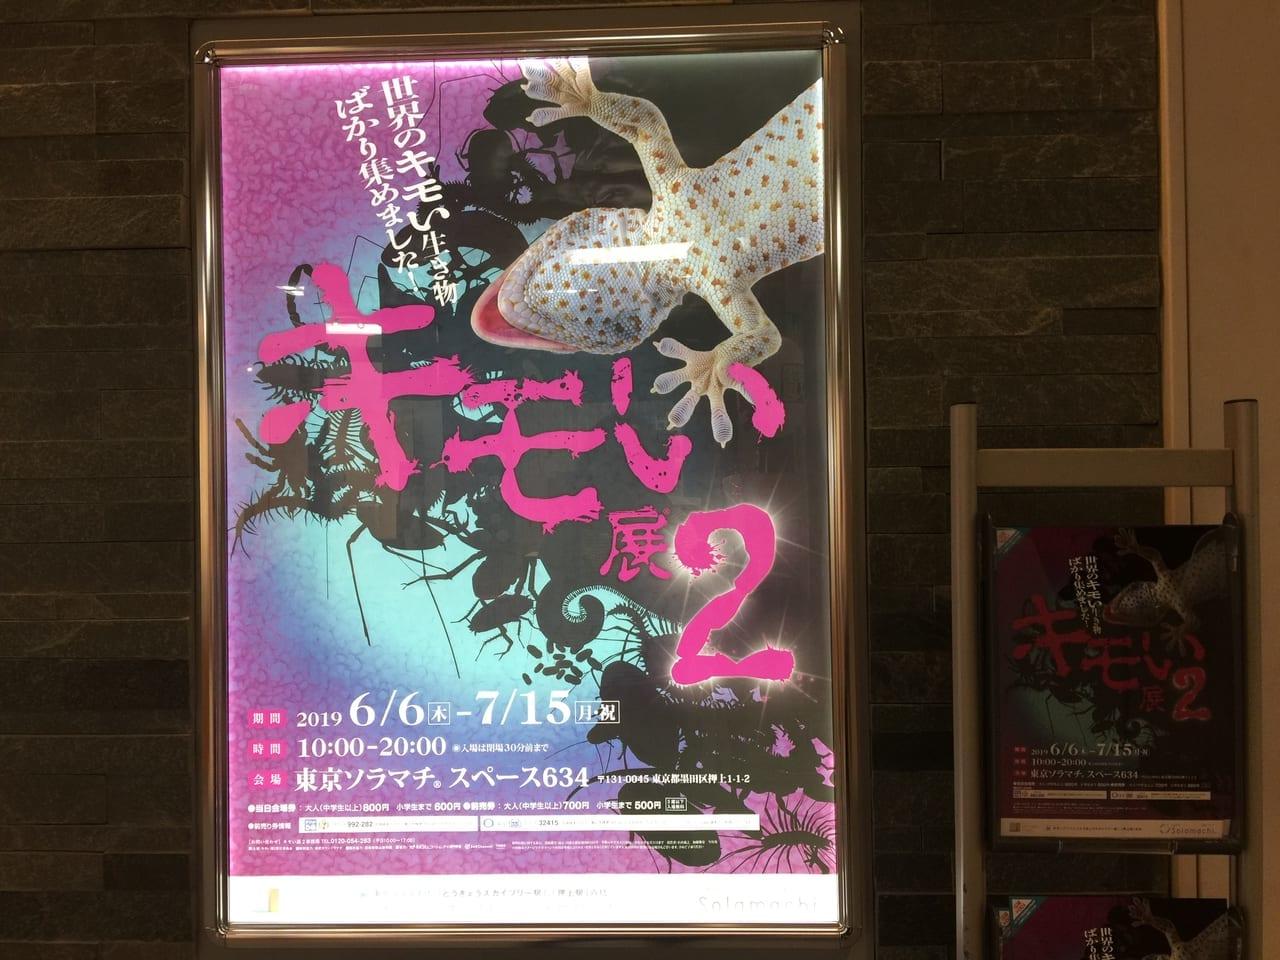 キモい展2のポスターです。